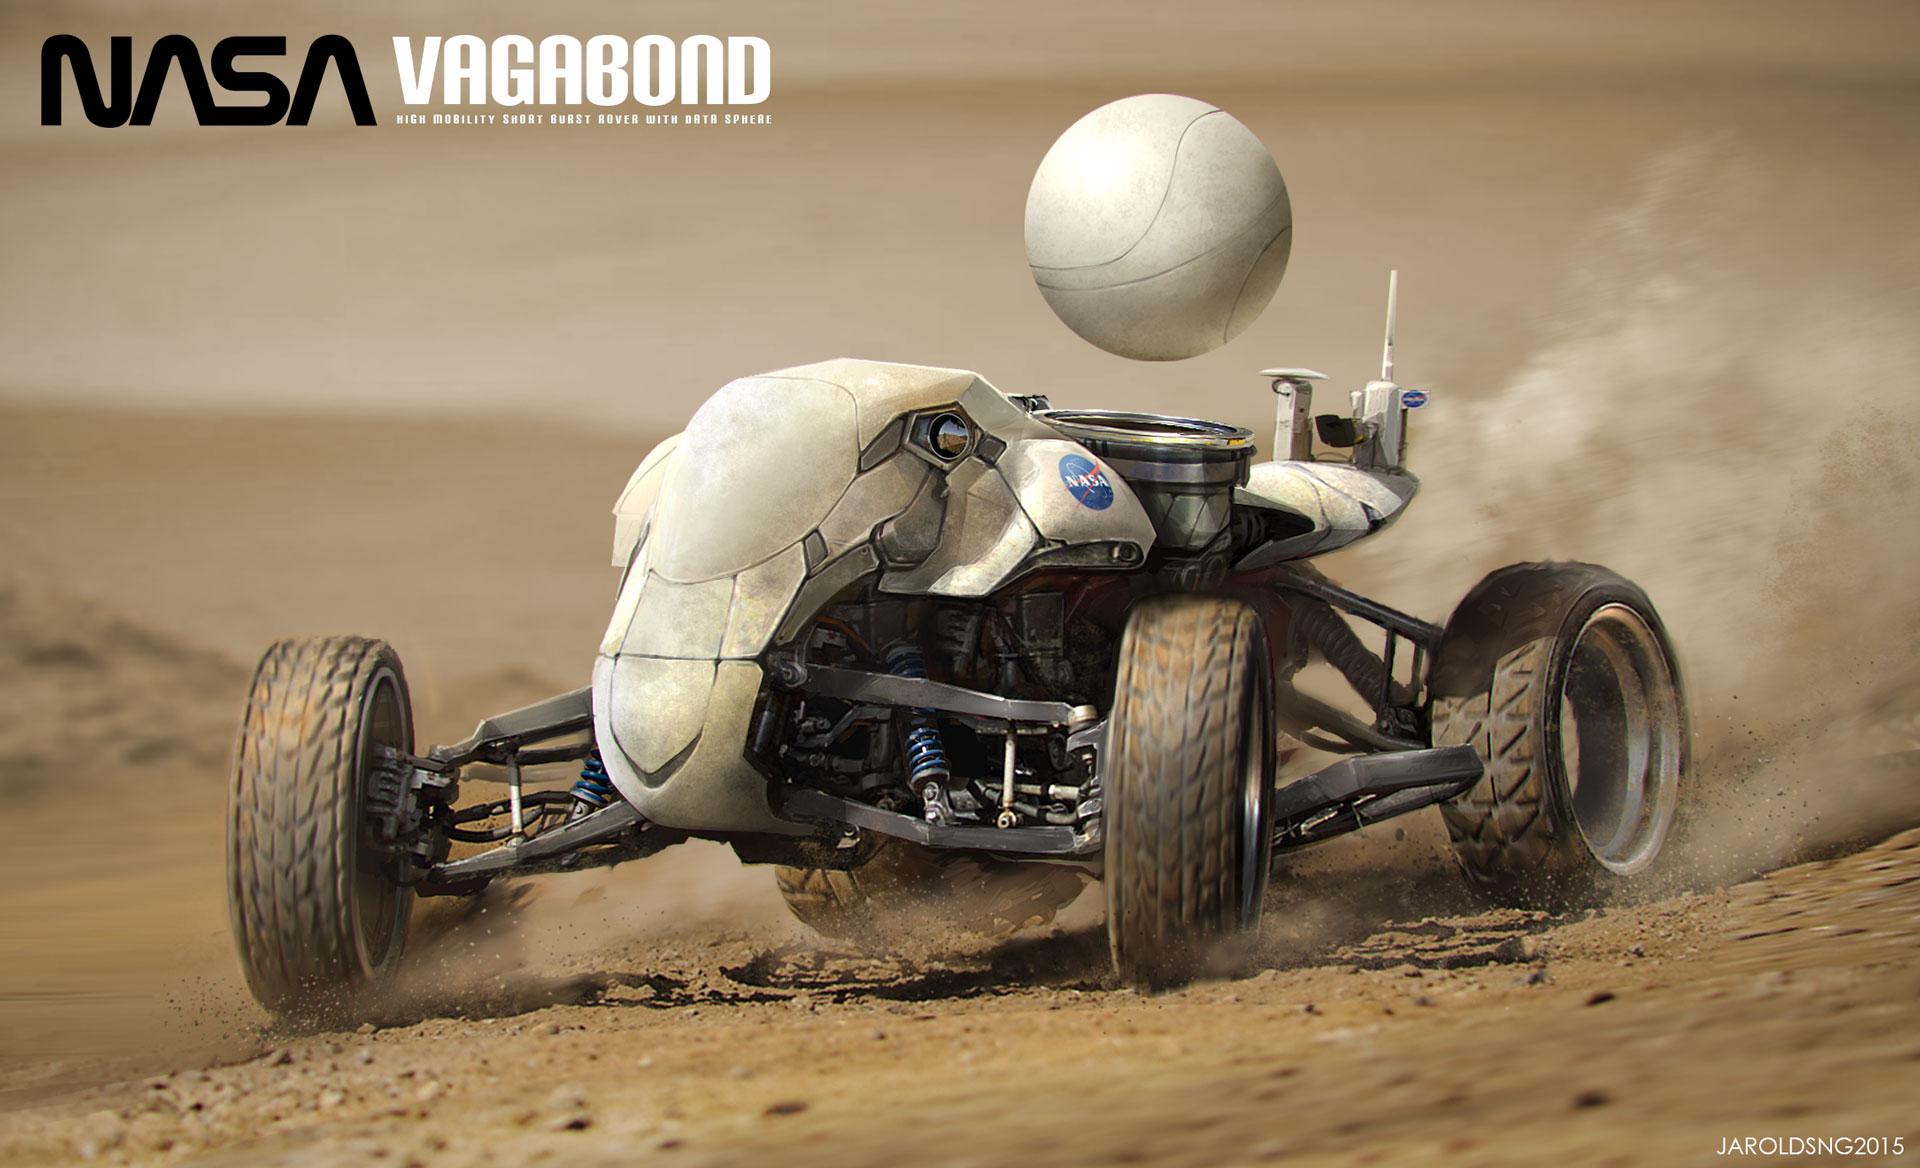 NASA: Vagabond